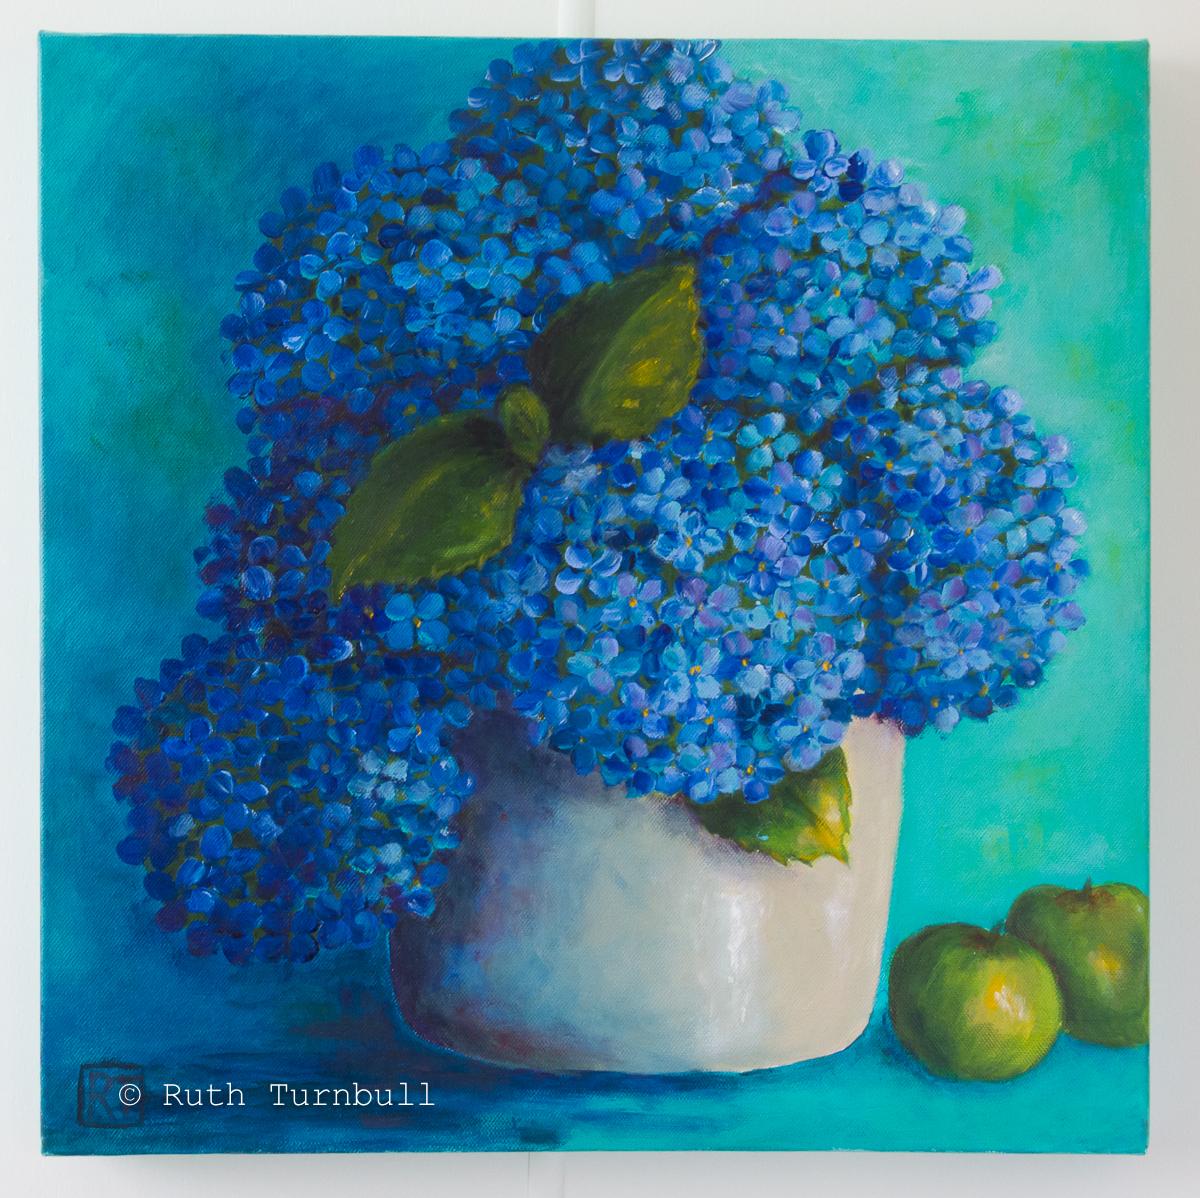 Blue Hydrangea by Ruth Turnbull